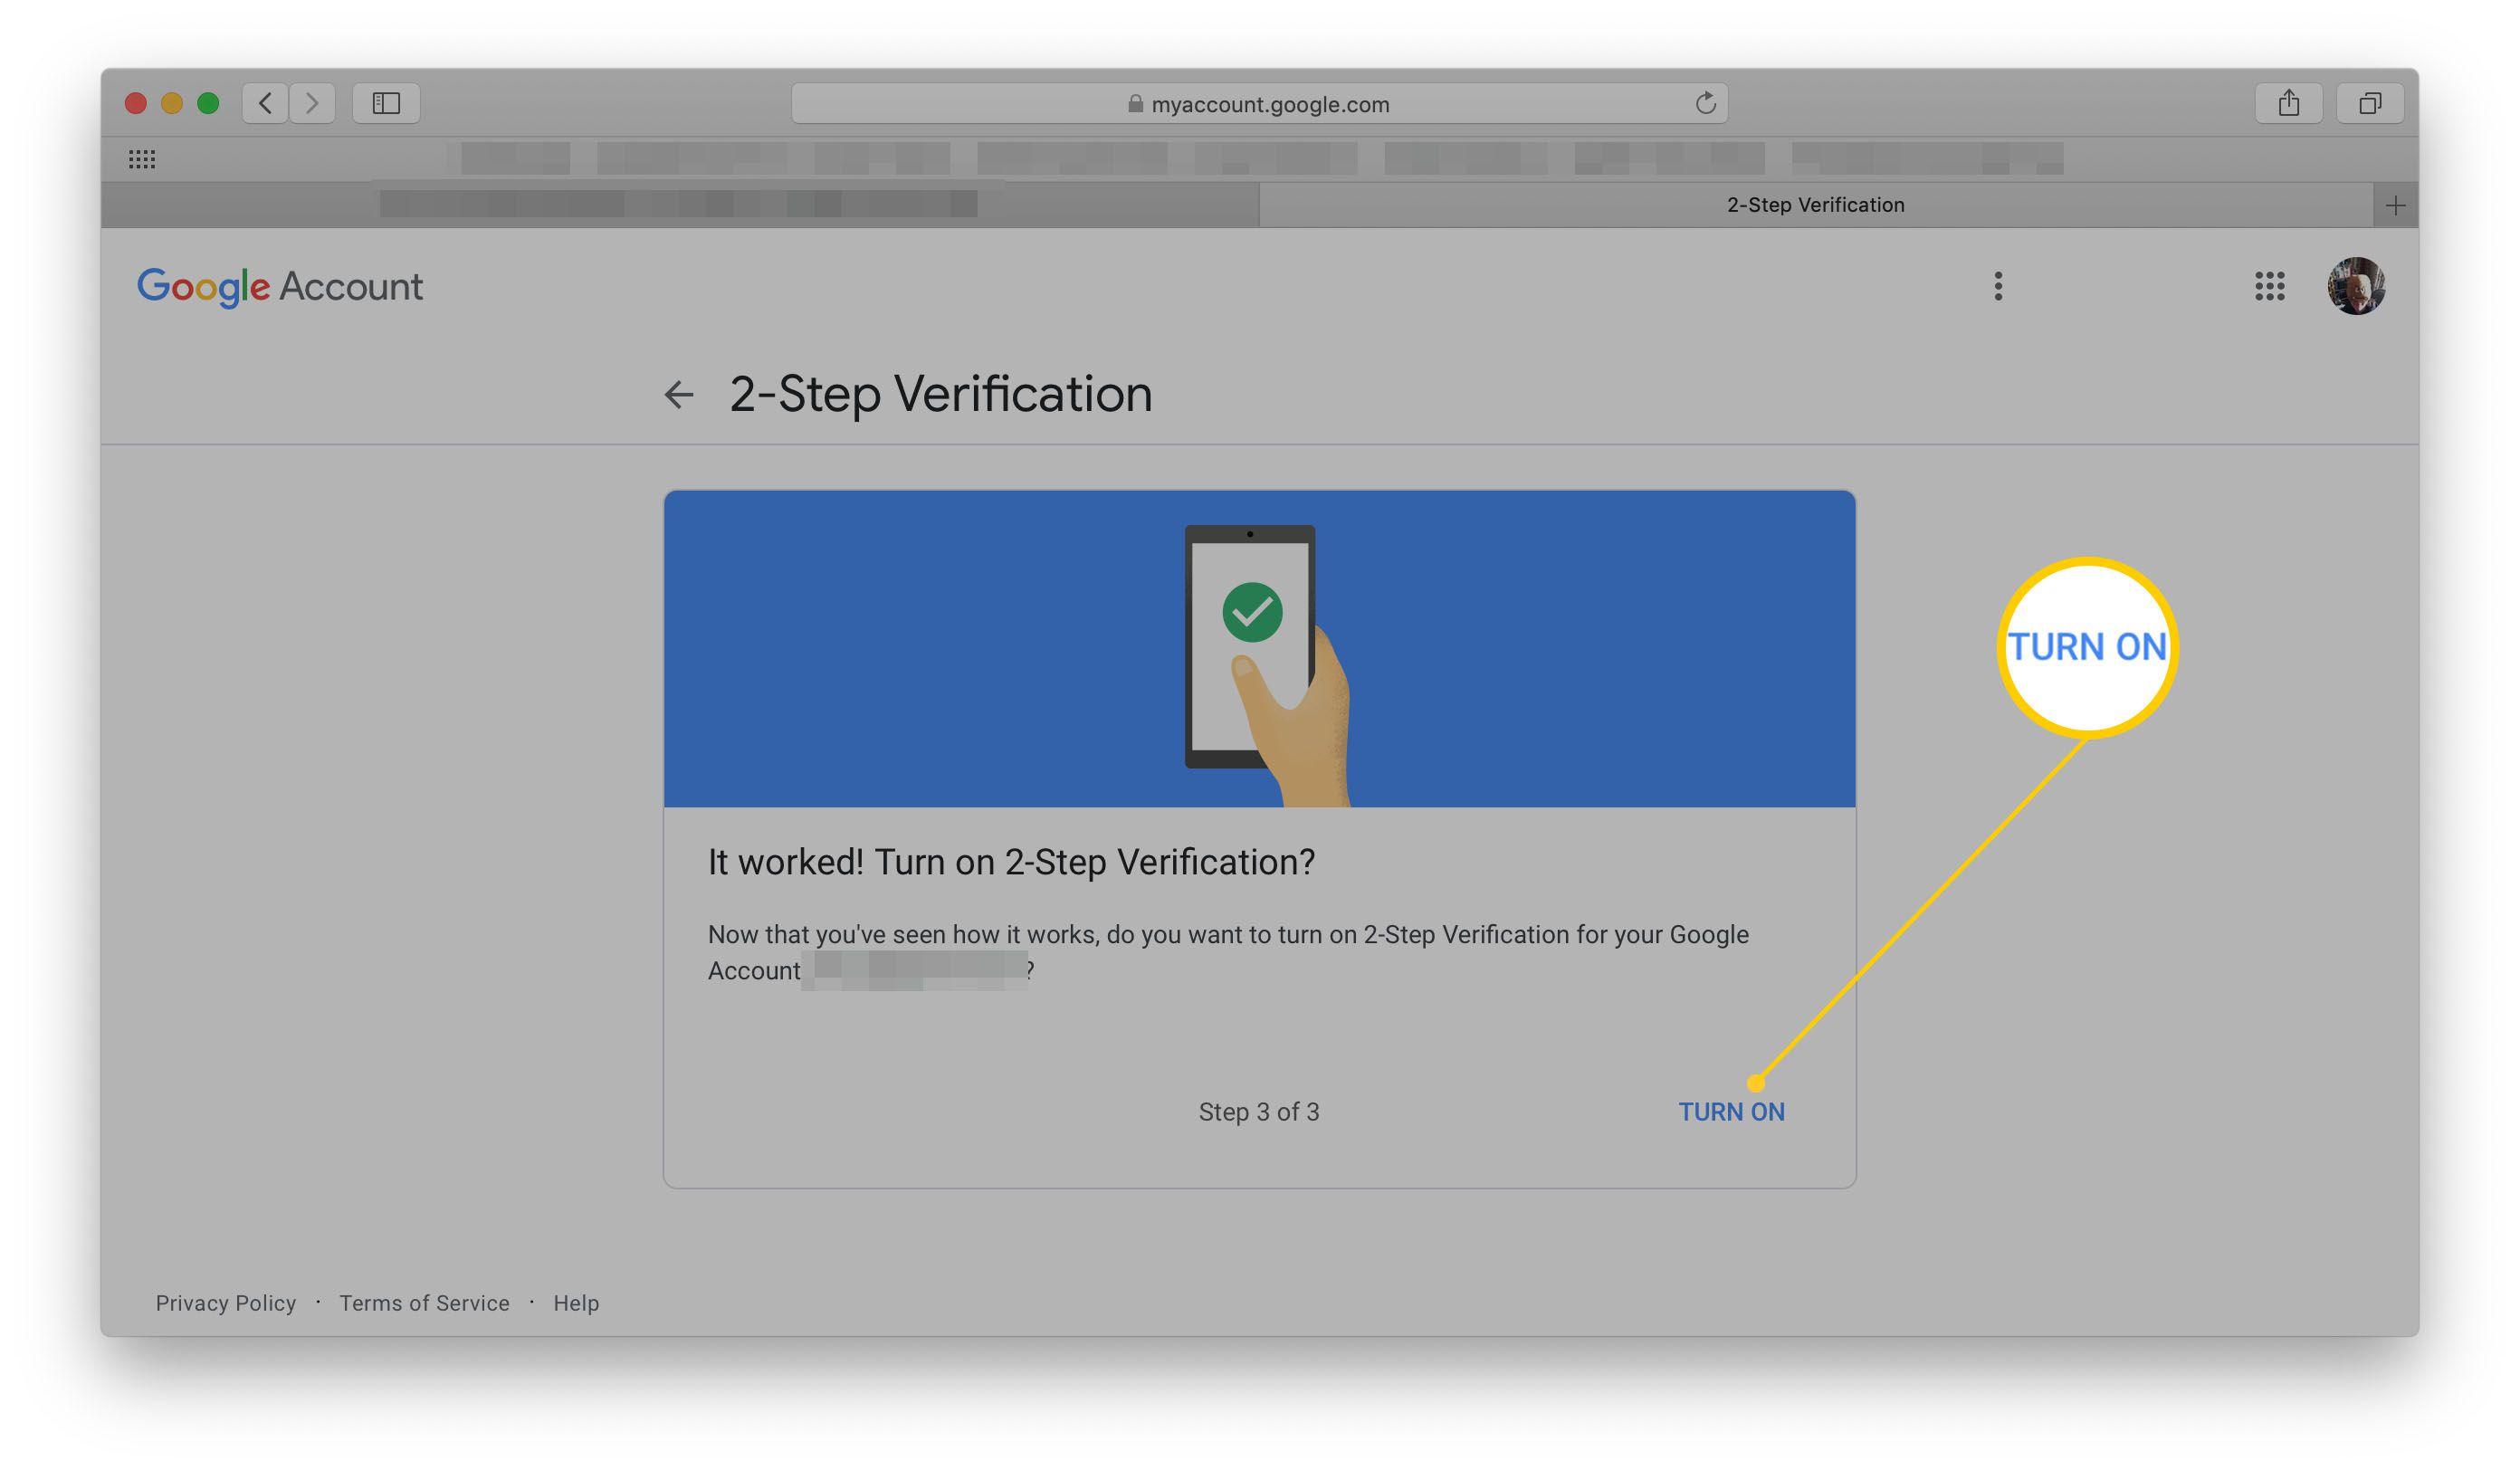 Google 2-Step Verification Turn on option